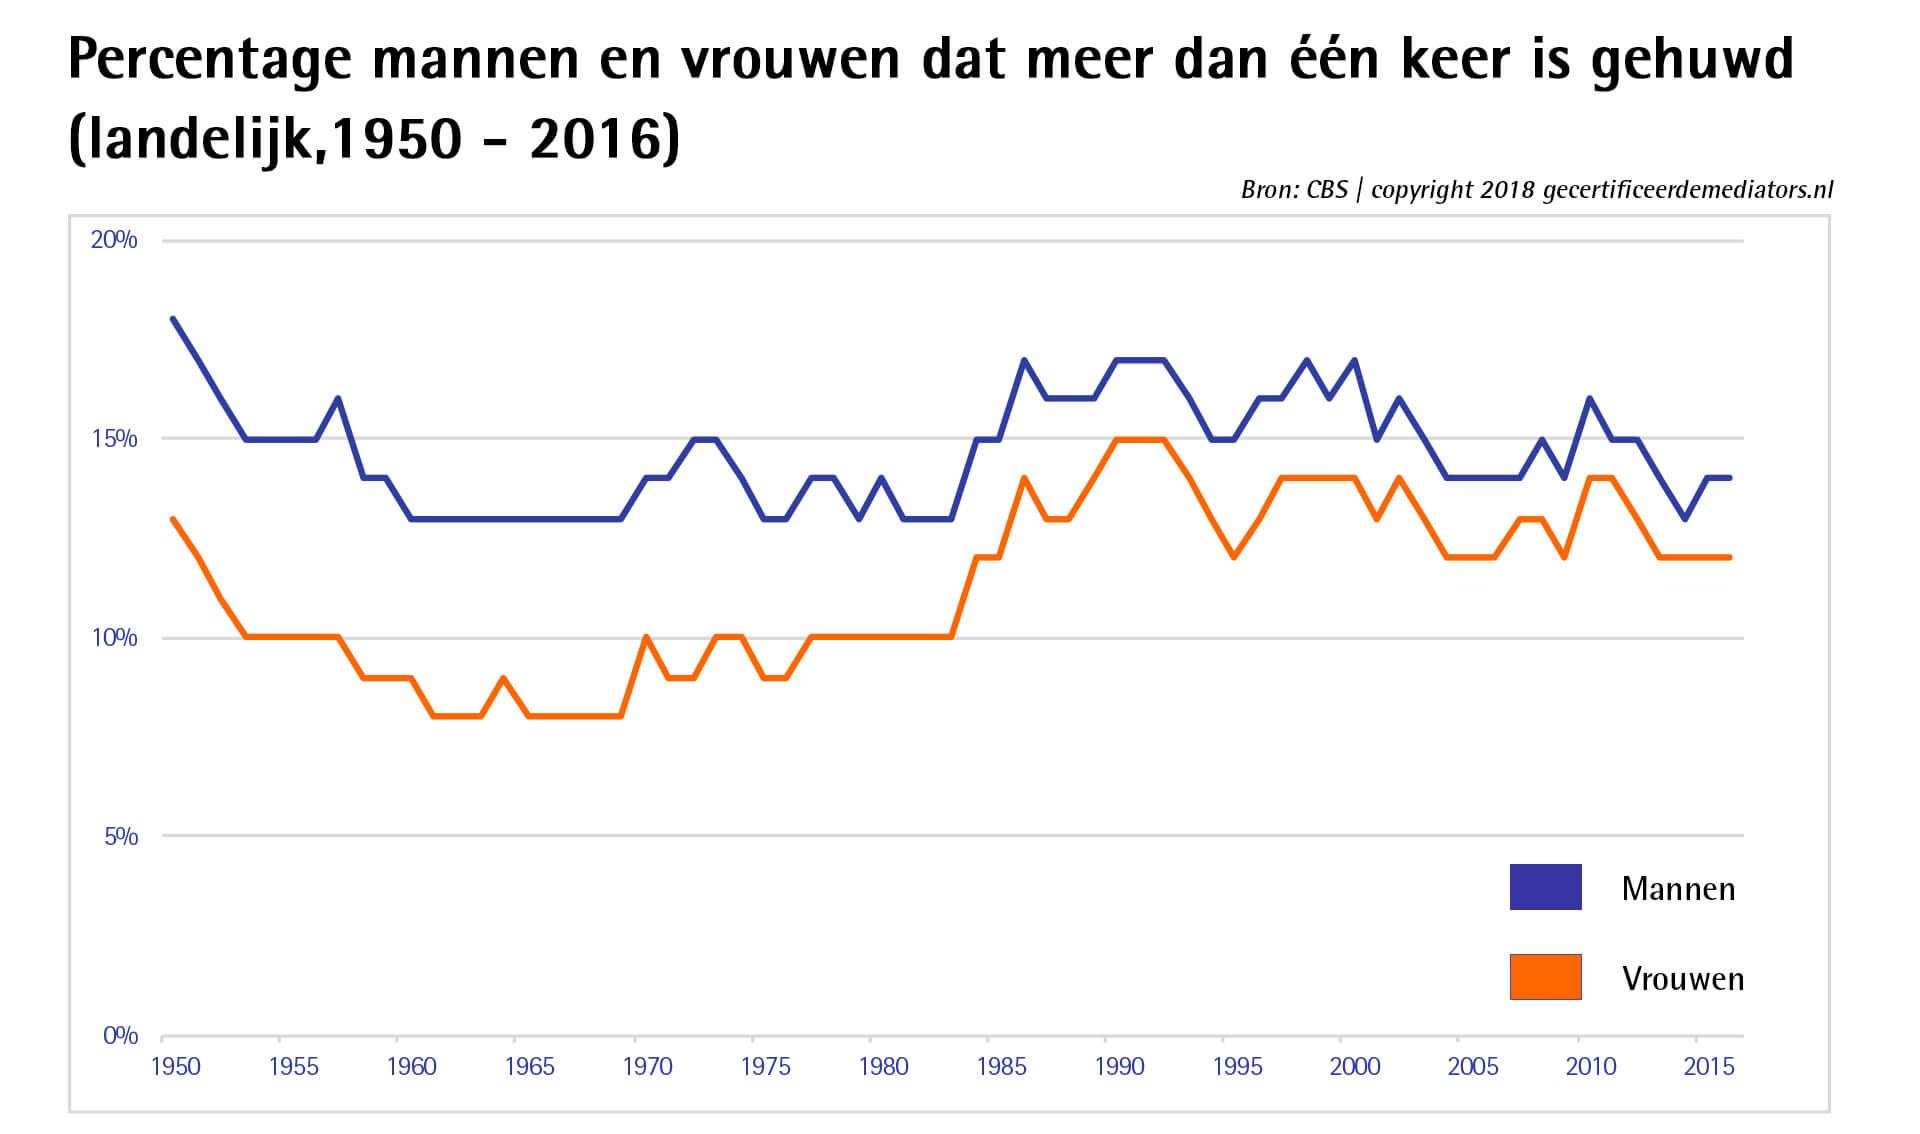 Landelijk percentage mannen en vrouwen dan meer dan een keer is gehuwd